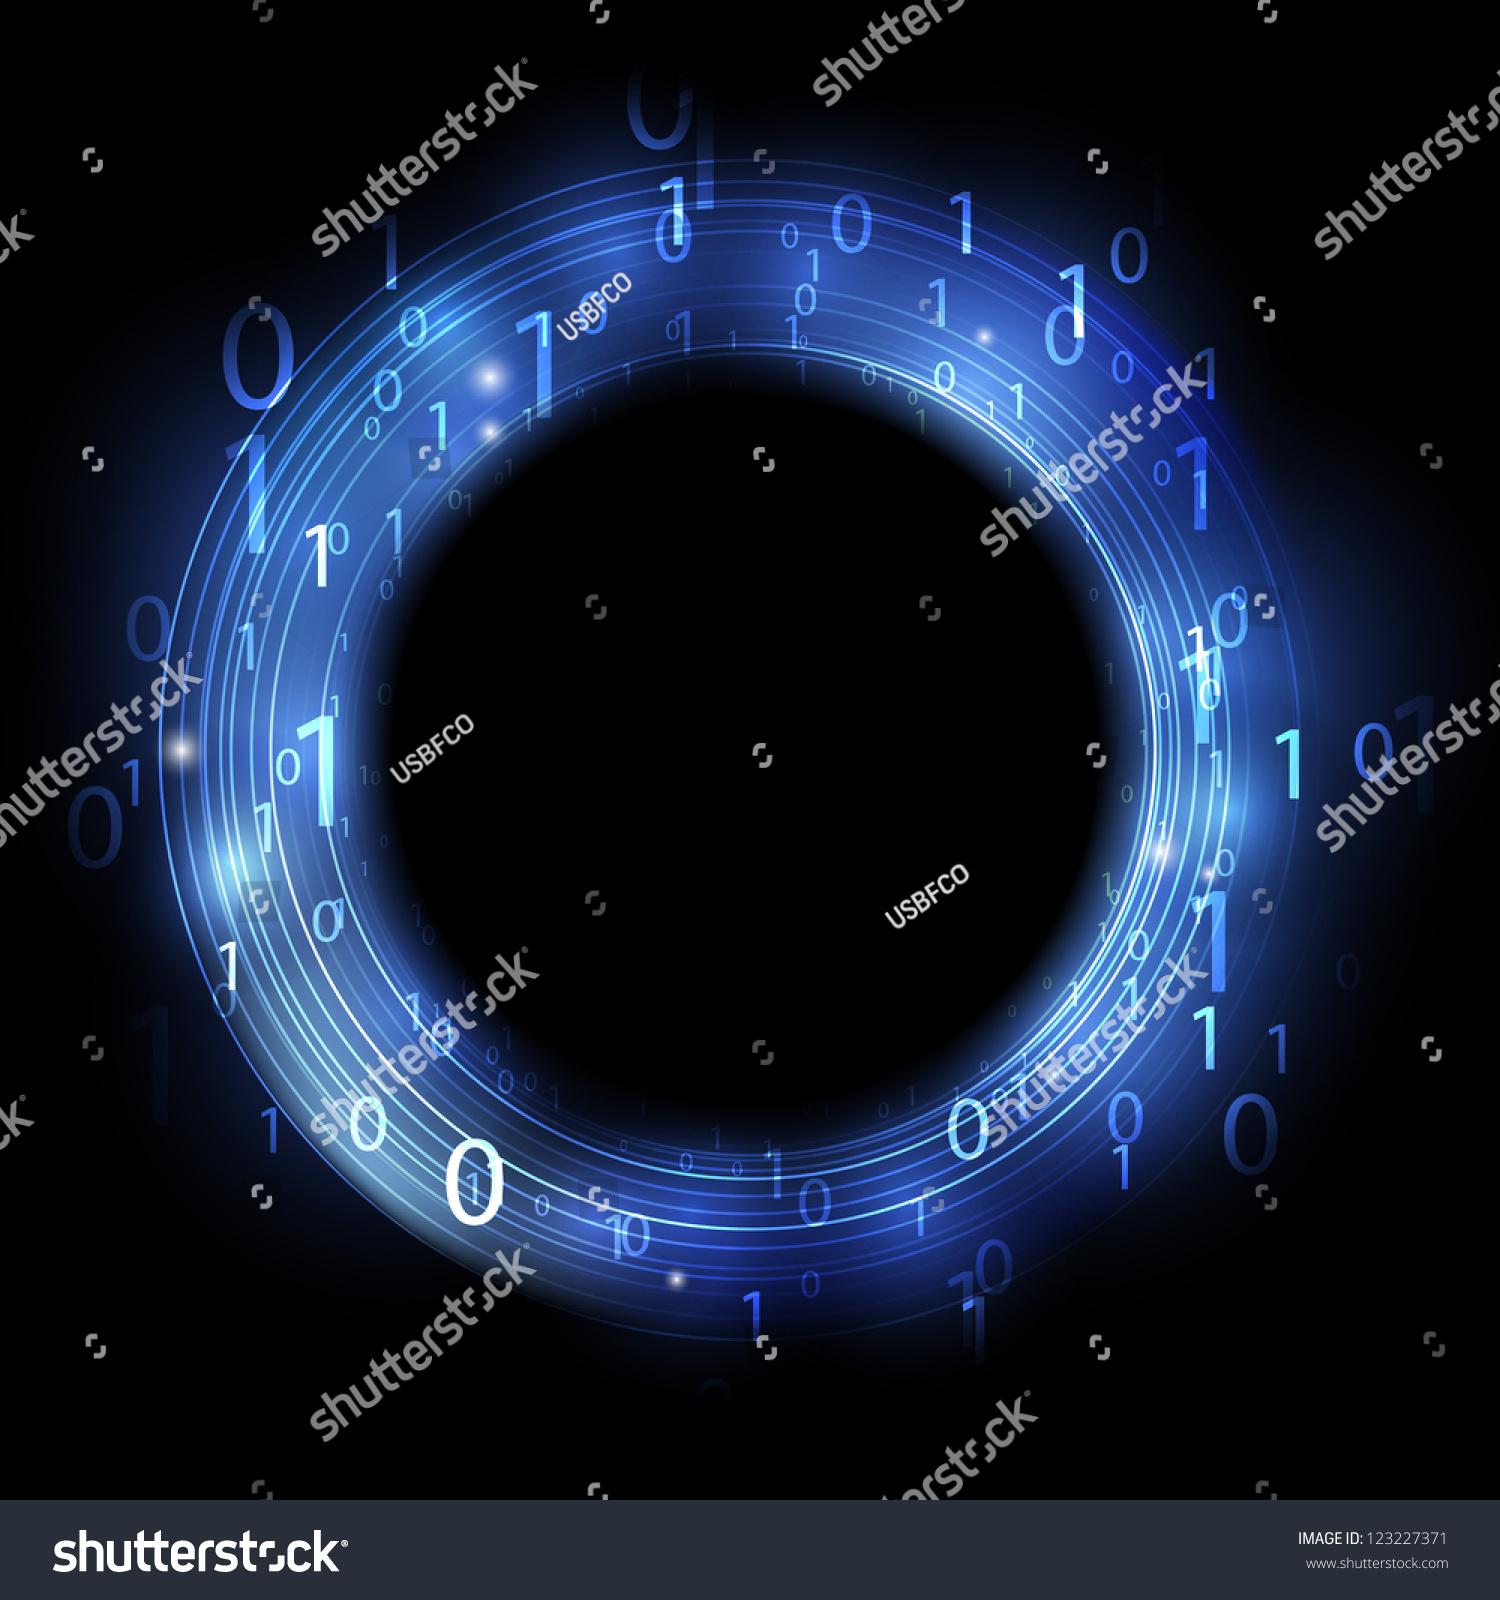 带有二进制码的蓝色环--信息的概念-背景/素材,抽象